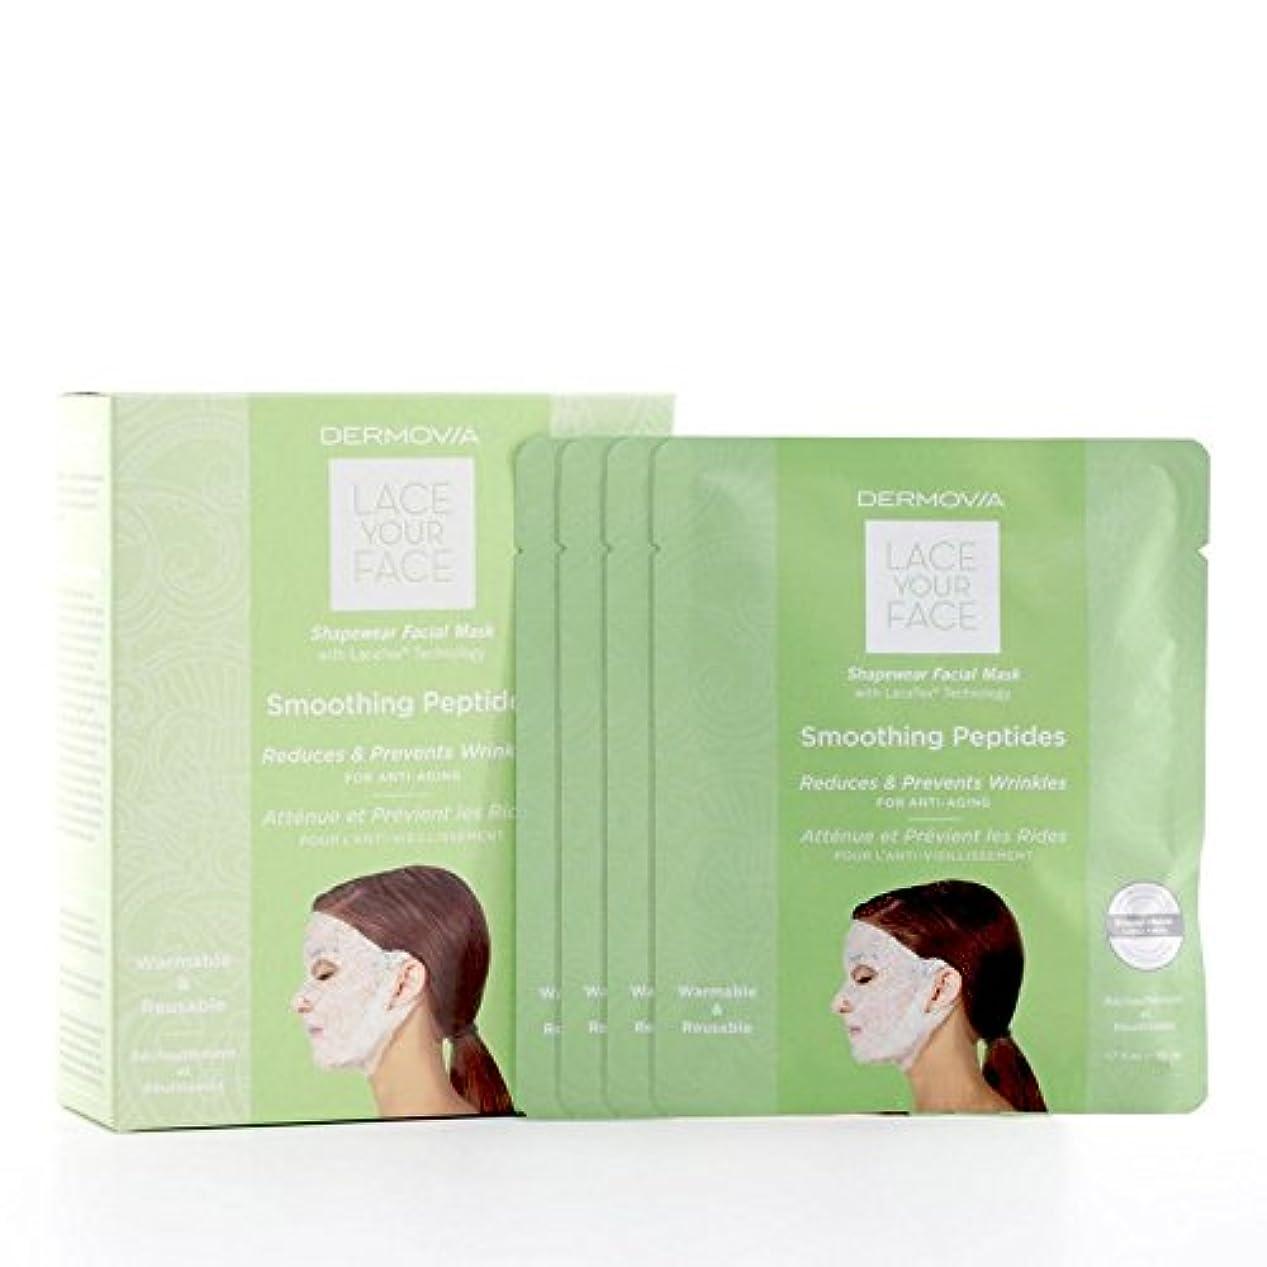 中傷コンテスト受信Dermovia Lace Your Face Compression Facial Mask Smoothing Peptides - は、あなたの顔の圧縮フェイシャルマスク平滑化ペプチドをひもで締めます [並行輸入品]